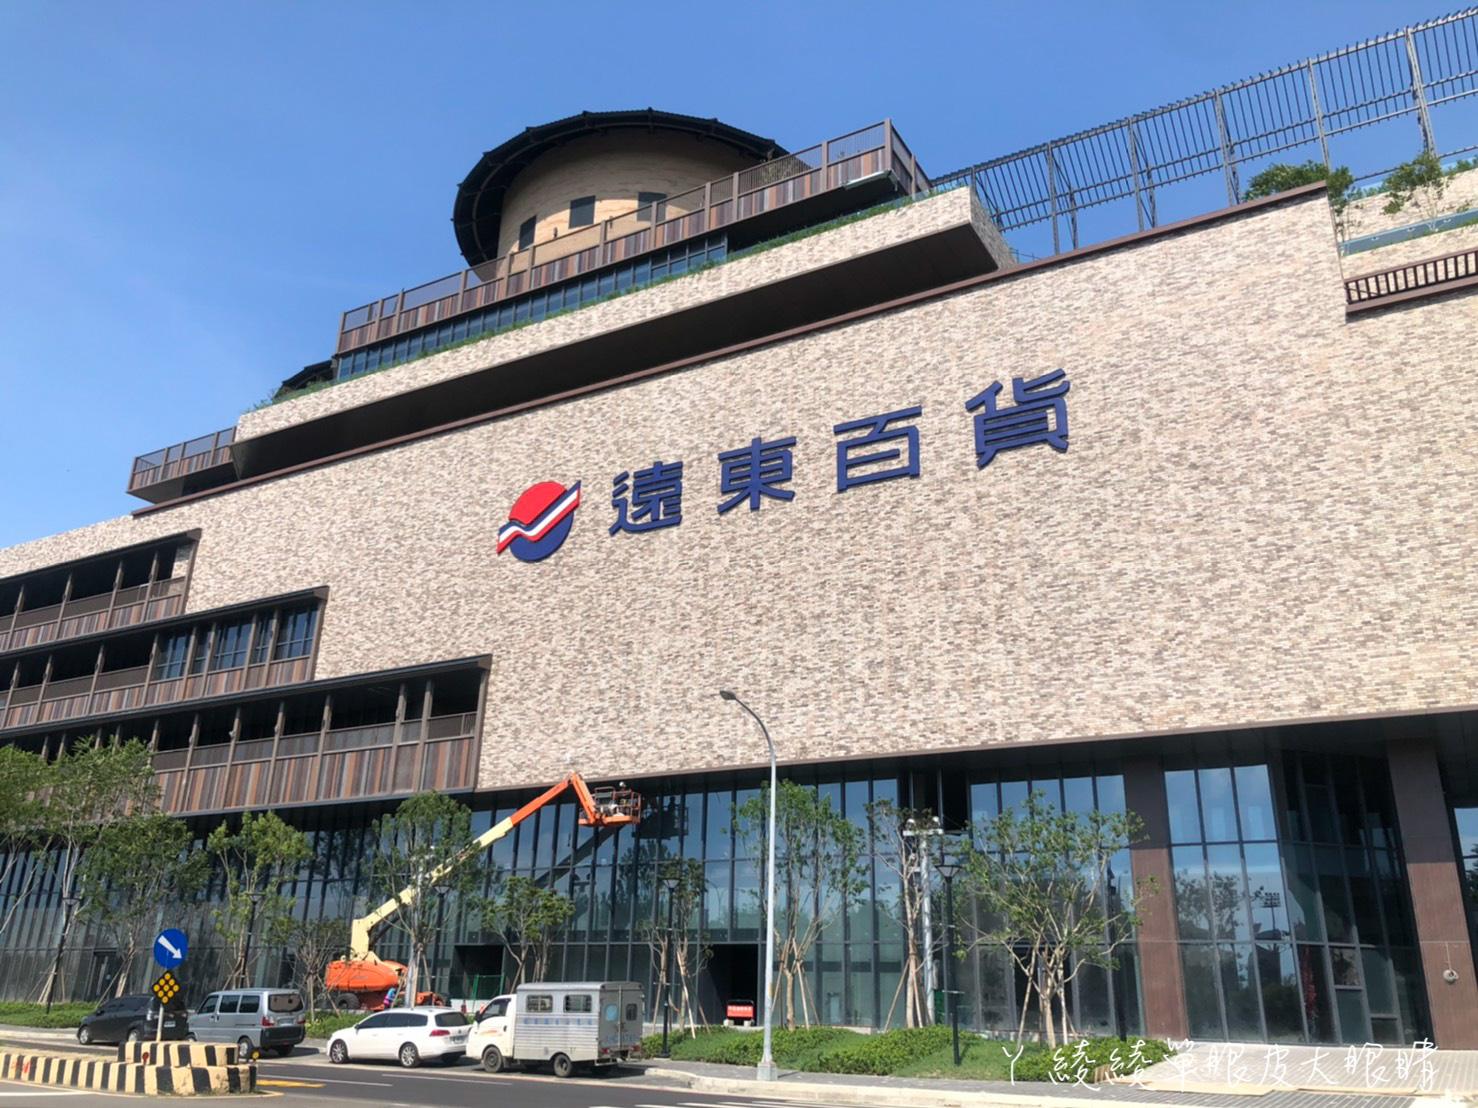 竹北大遠百年底開幕!竹北遠東百貨進駐廠商整理,新竹縣首座大型購物中心要來了